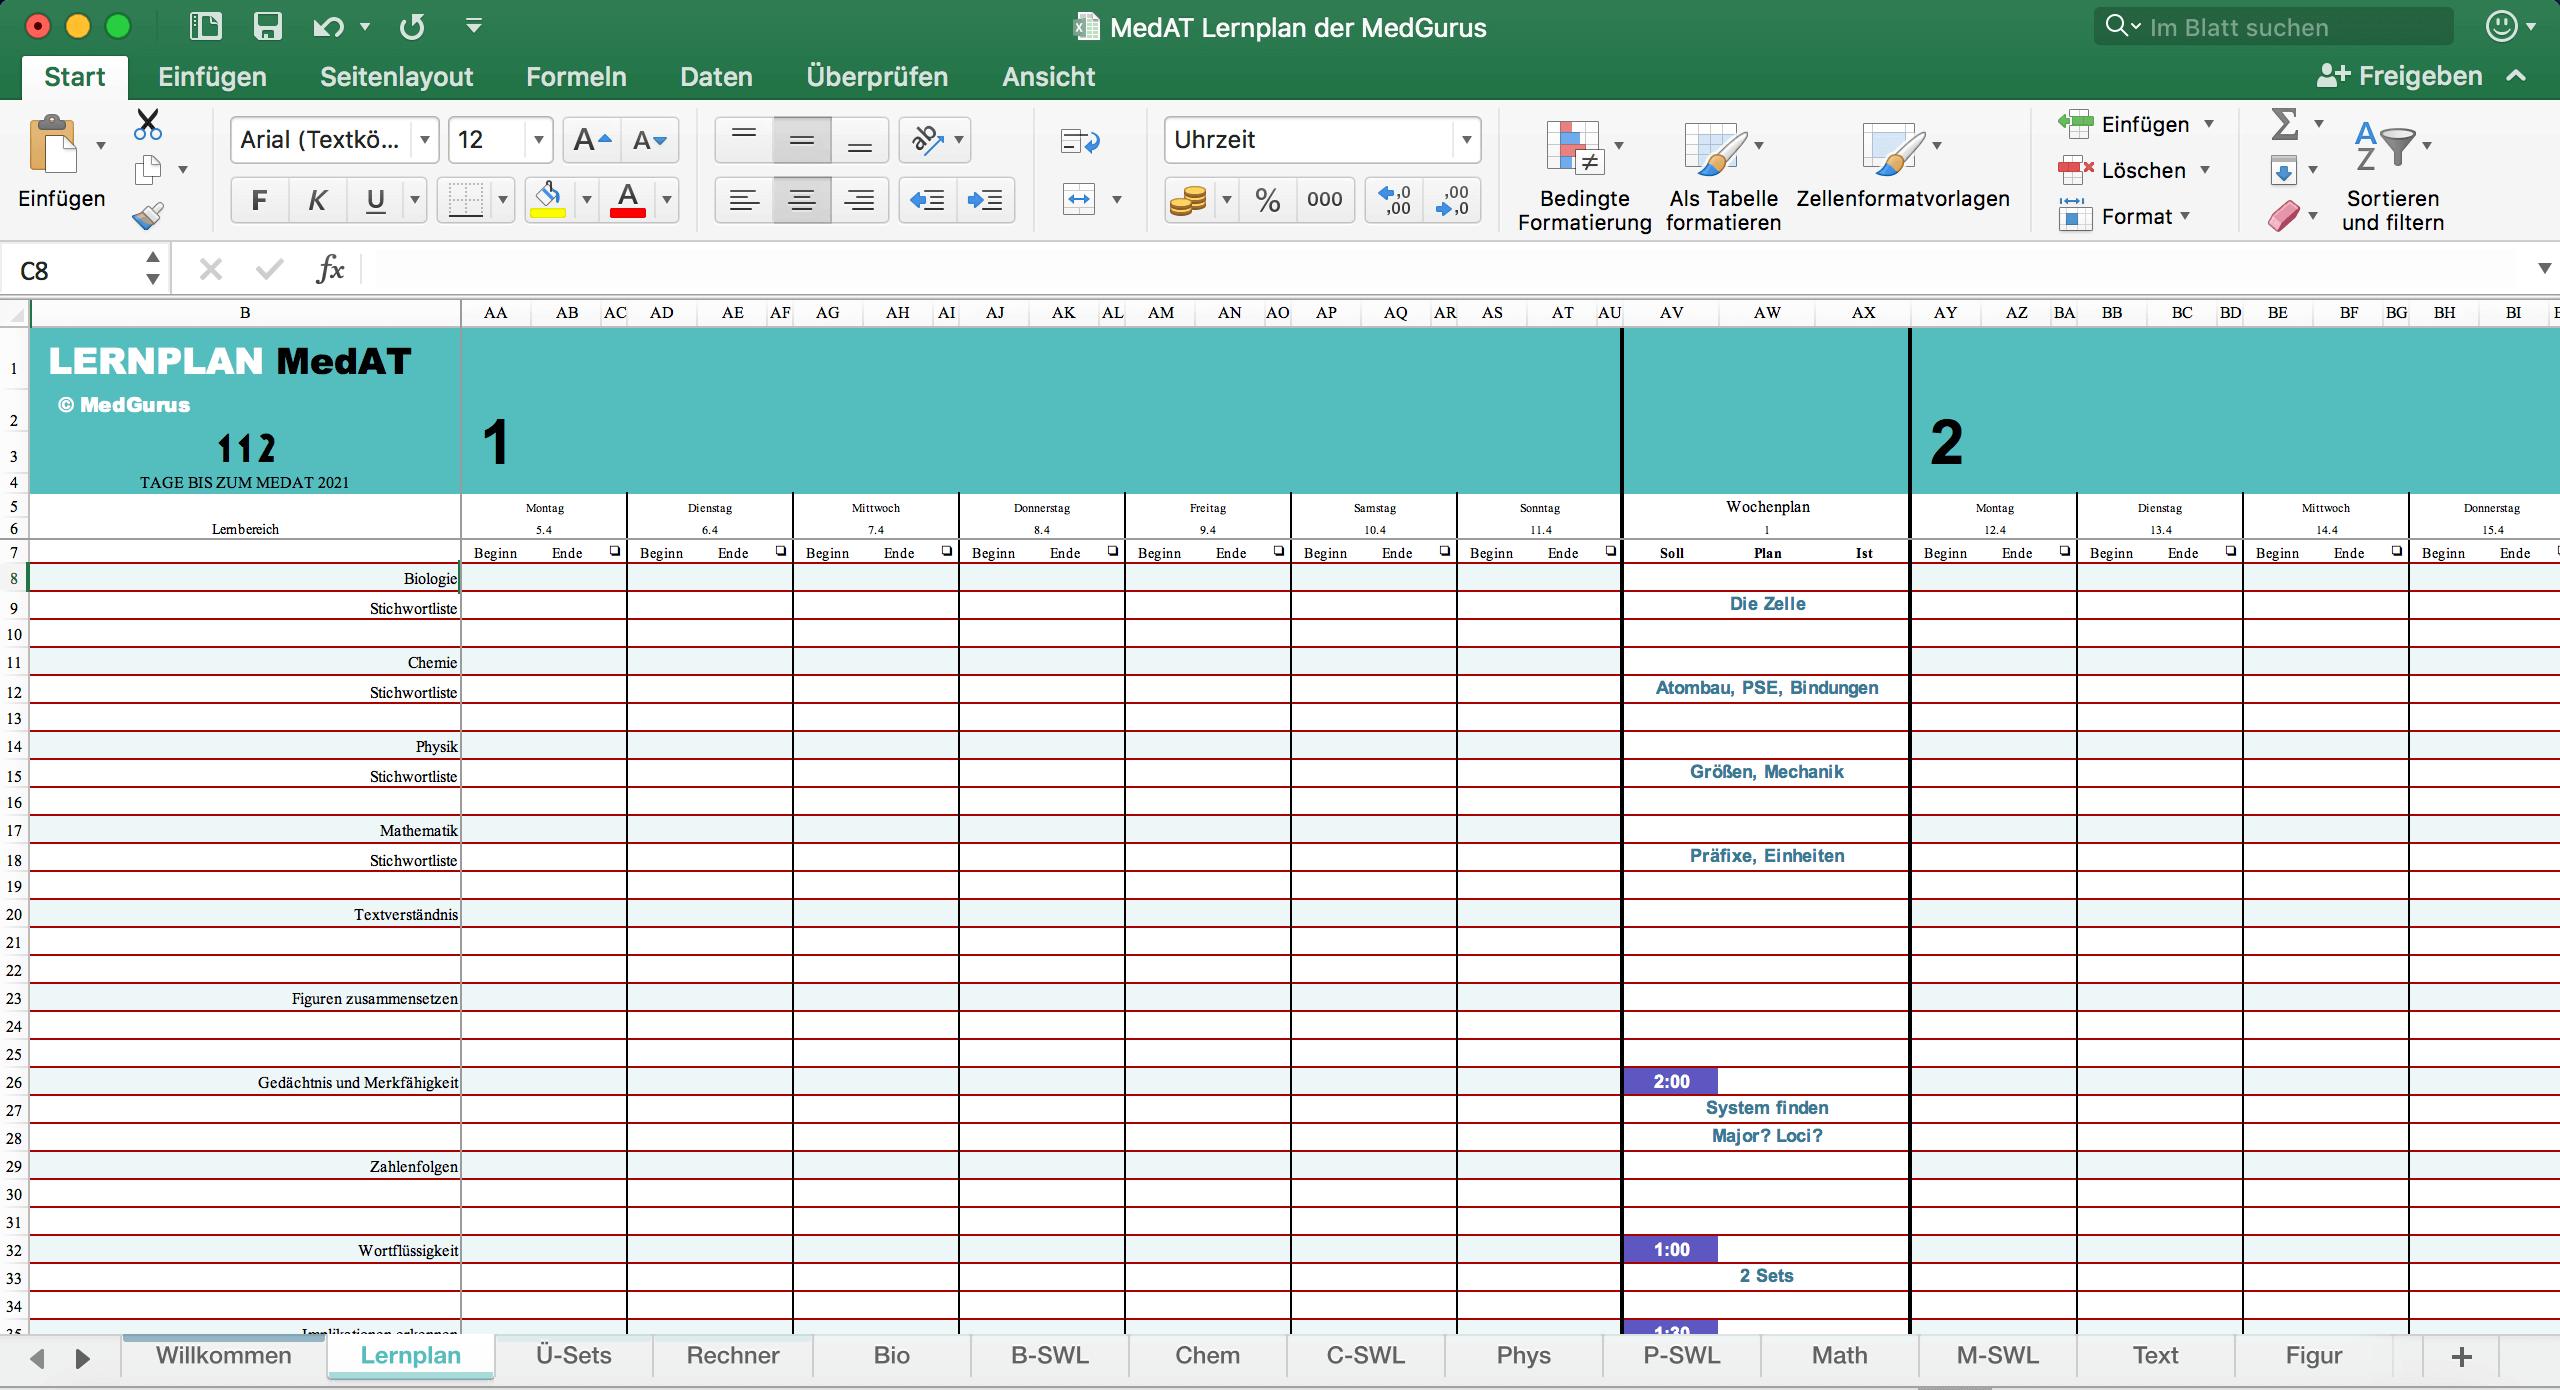 MedAT Lernplan - Wochenübersicht MedGurus